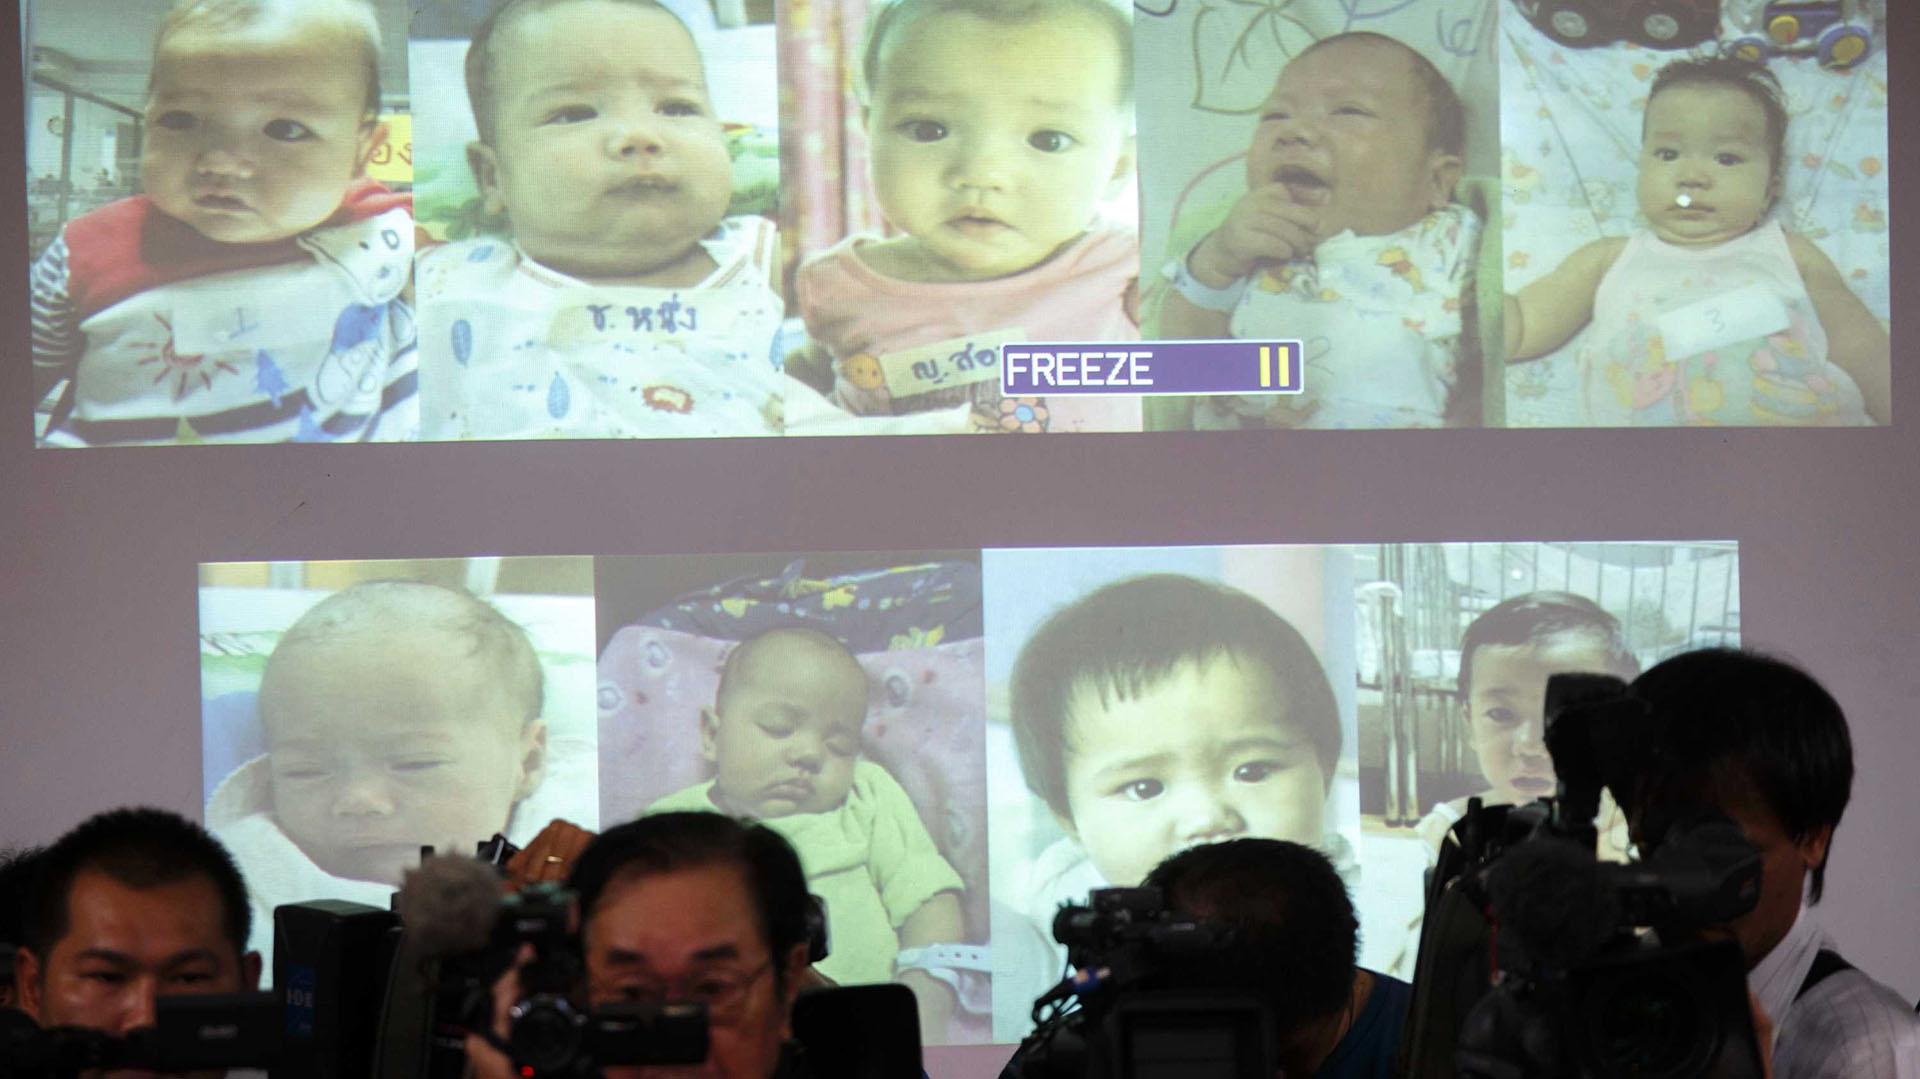 Fotos de los bebéshallados en el 2014, cuando se sospechaba que eran del mismo padre(Reuters)